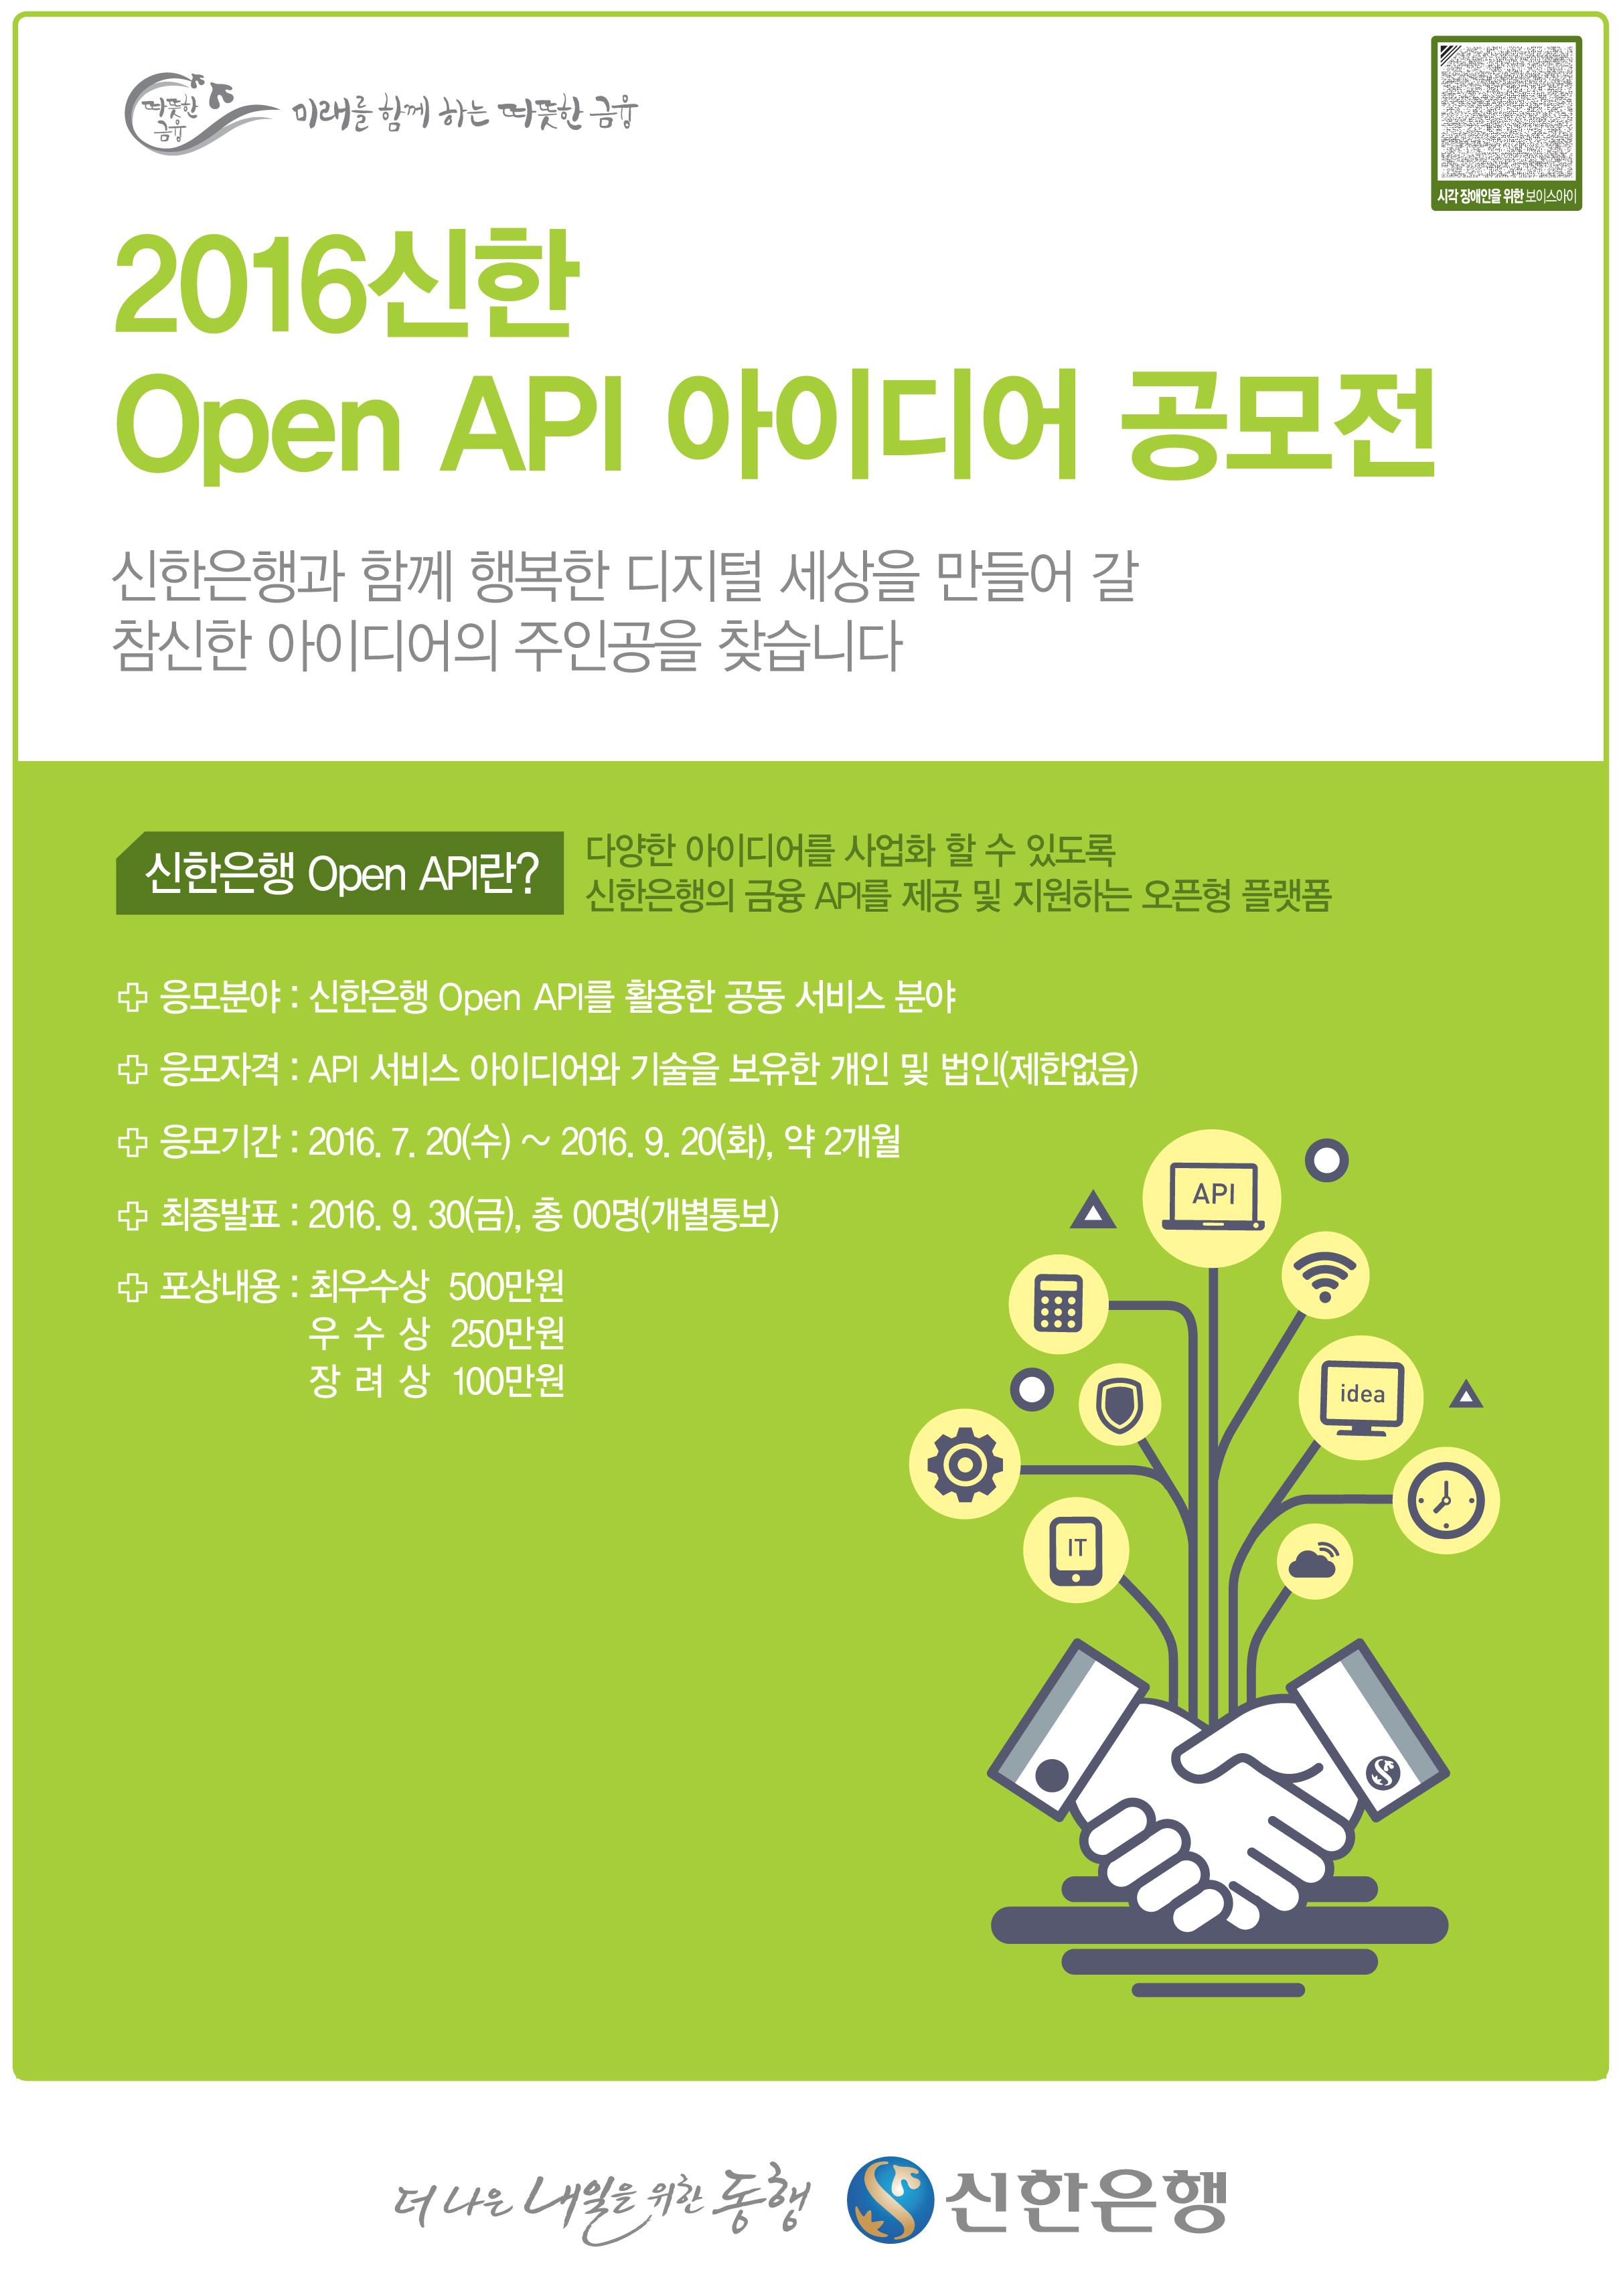 신한은행, 'Open API 아이디어 공모전' 시행